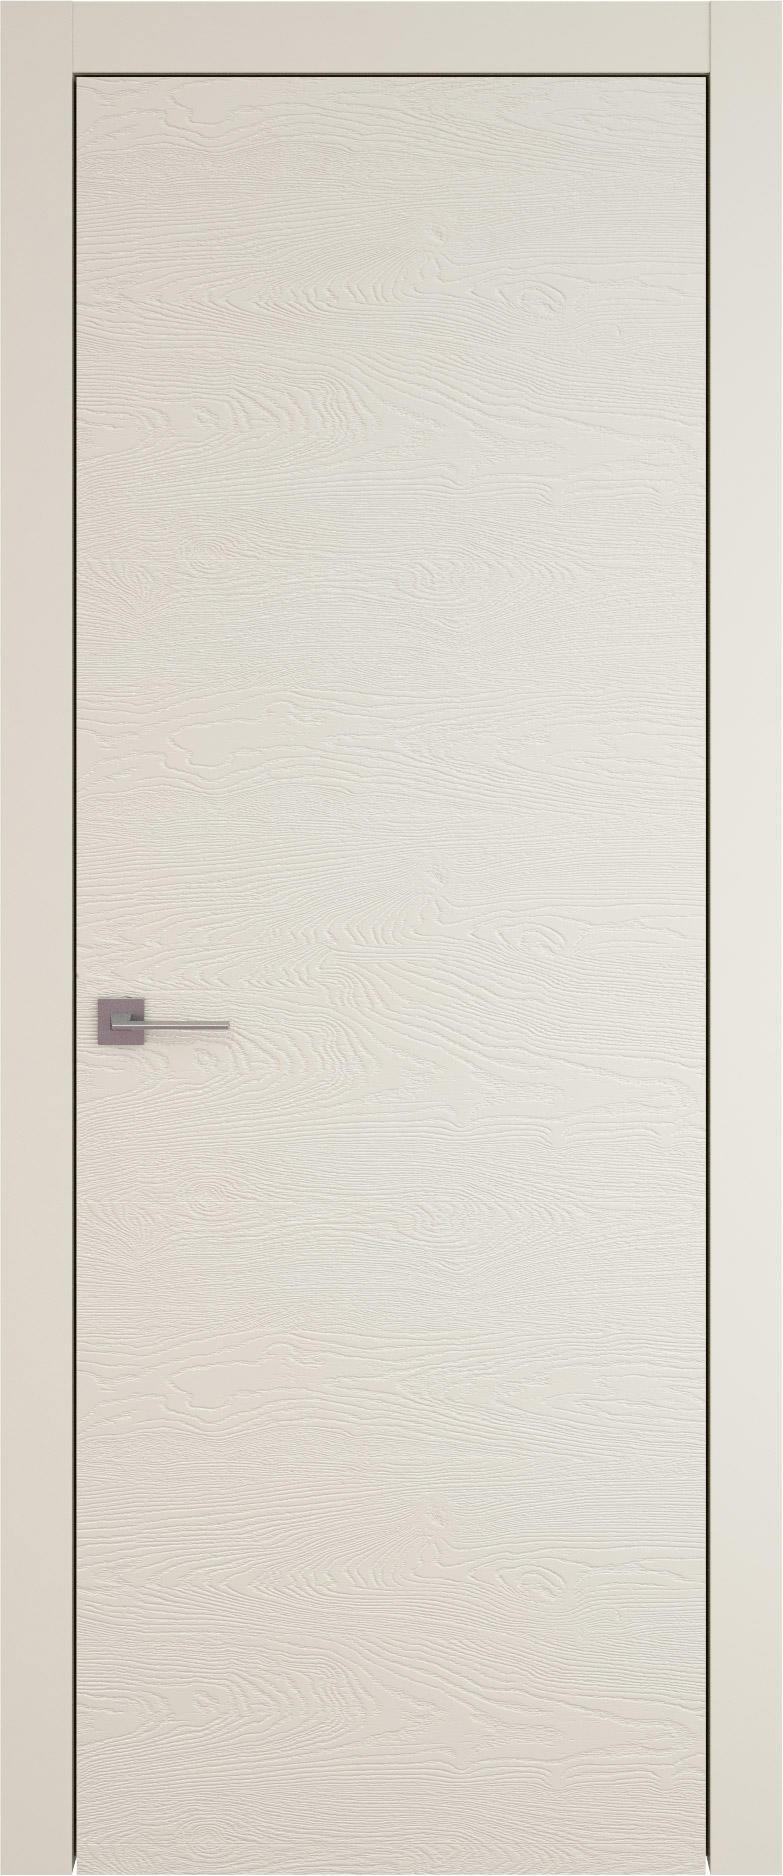 Tivoli А-2 цвет - Жемчужная эмаль по шпону (RAL 1013) Без стекла (ДГ)